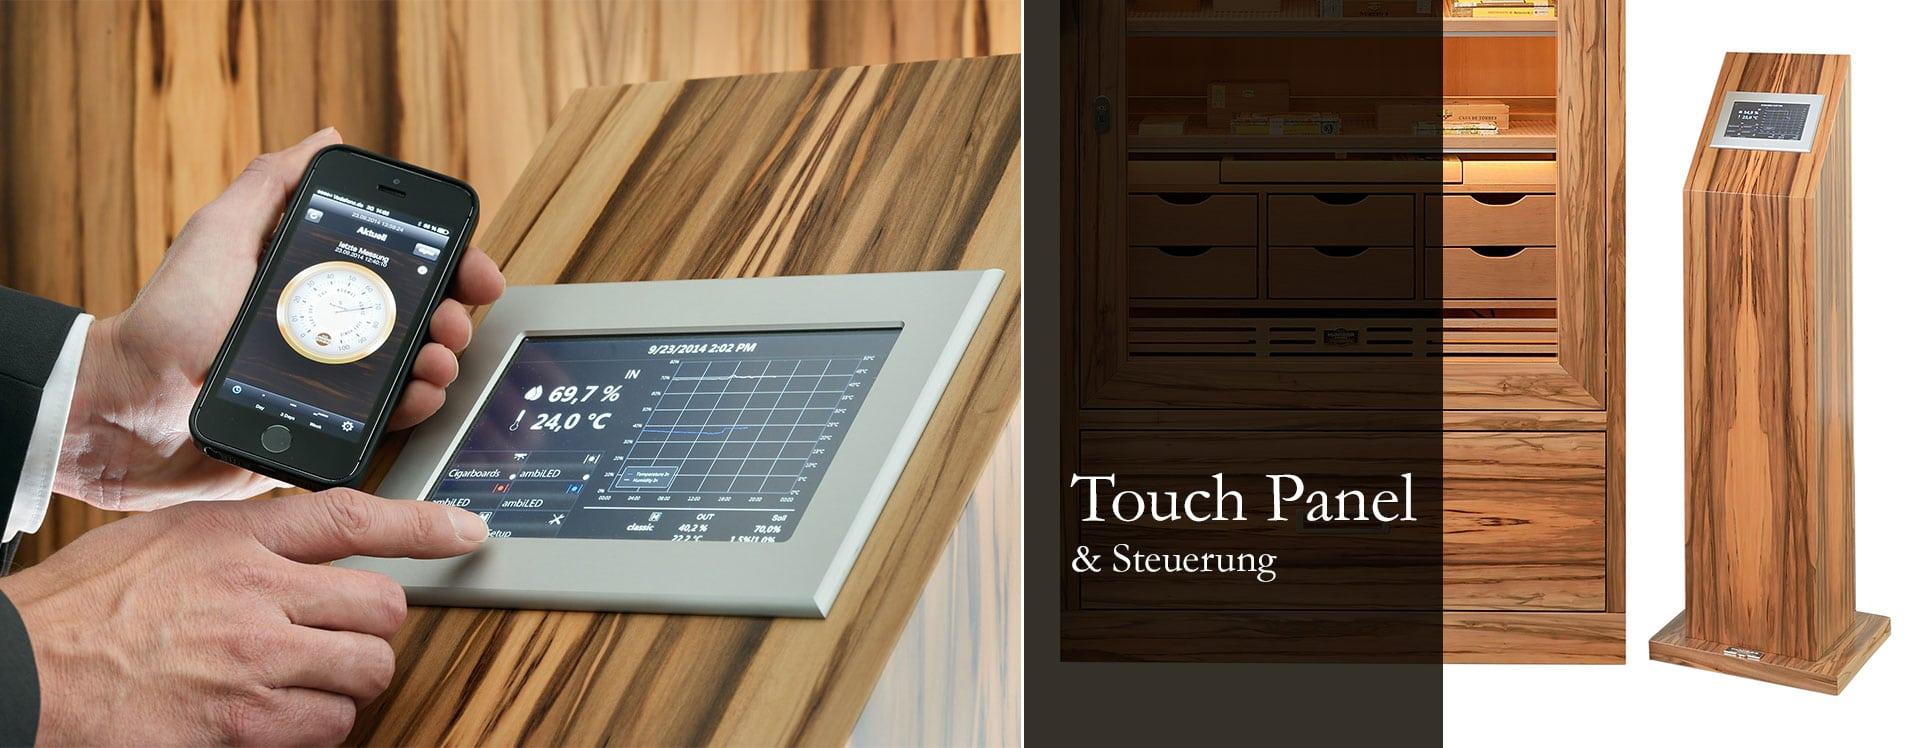 GERBER Humidor Touch Panel & Steuerung